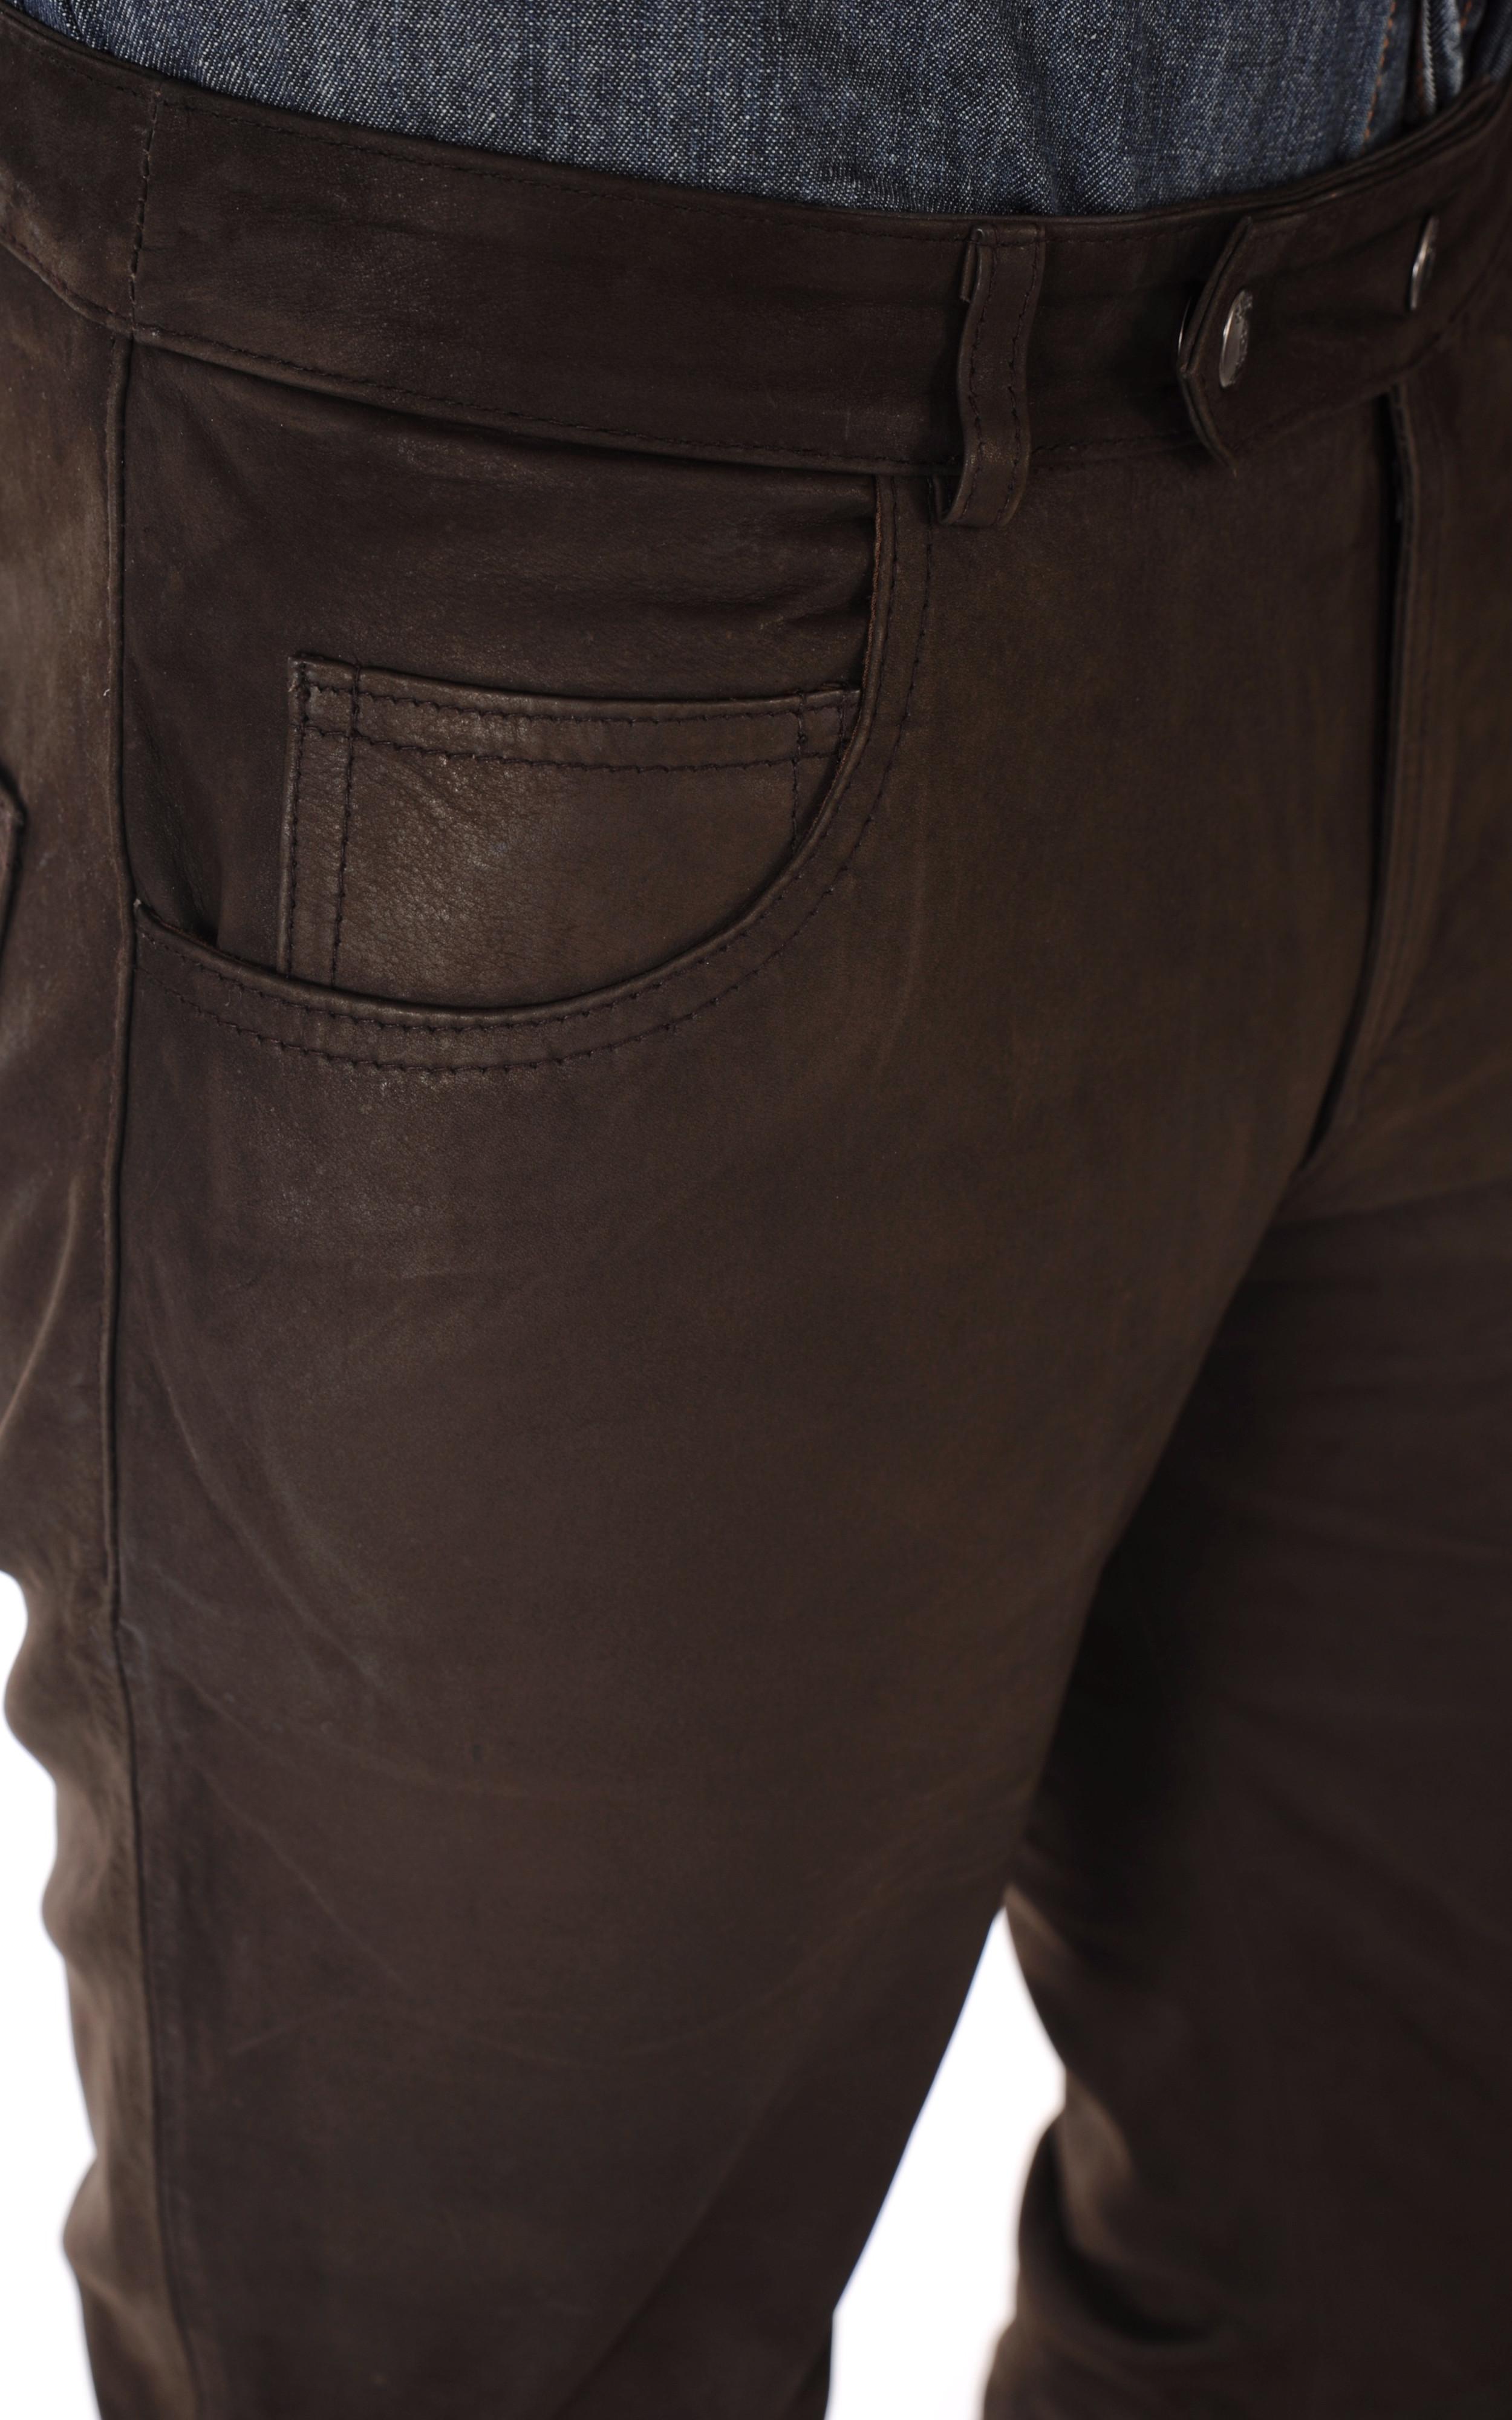 Pantalon Nubuck Homme La Canadienne